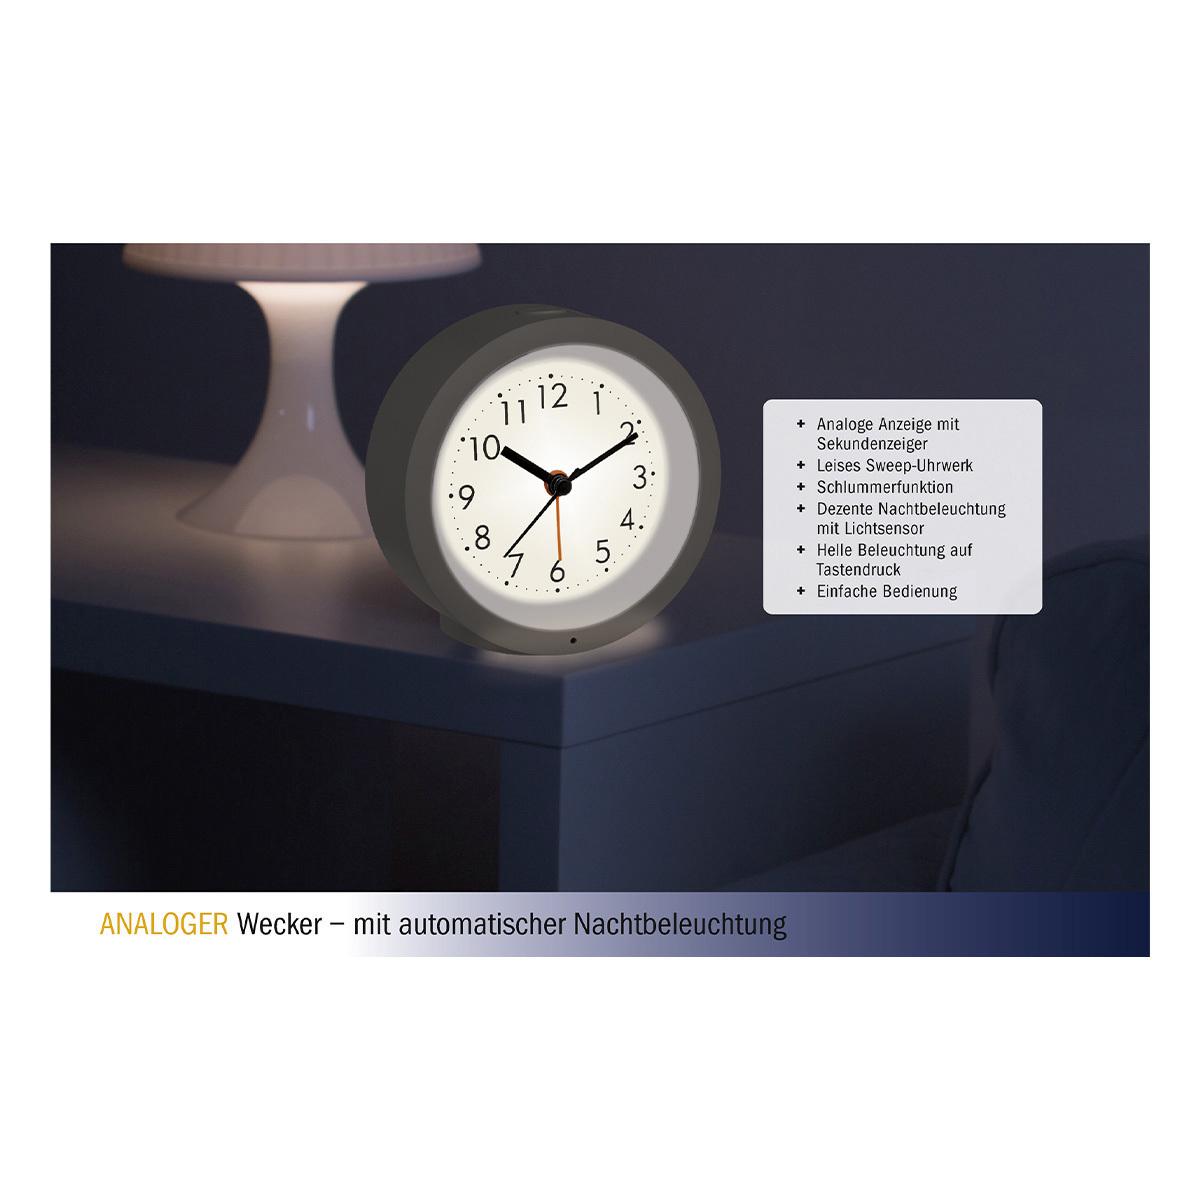 60-1029-02-analoger-wecker-vorteile-1200x1200px.jpg